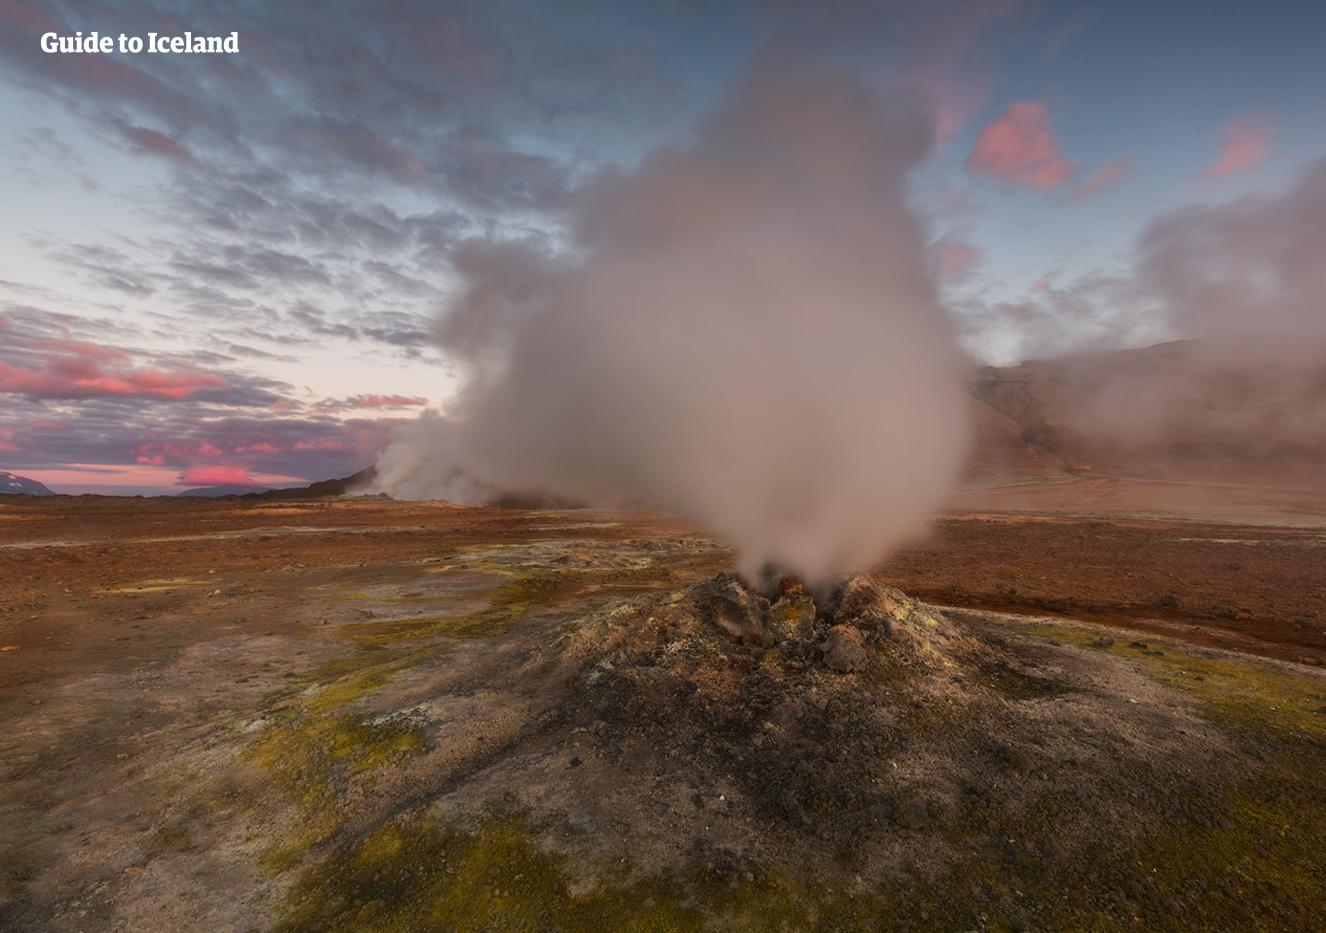 Vapor saliendo de una fumarola en una zona geotérmica cerca del lago Mývatn en el norte de Islandia.